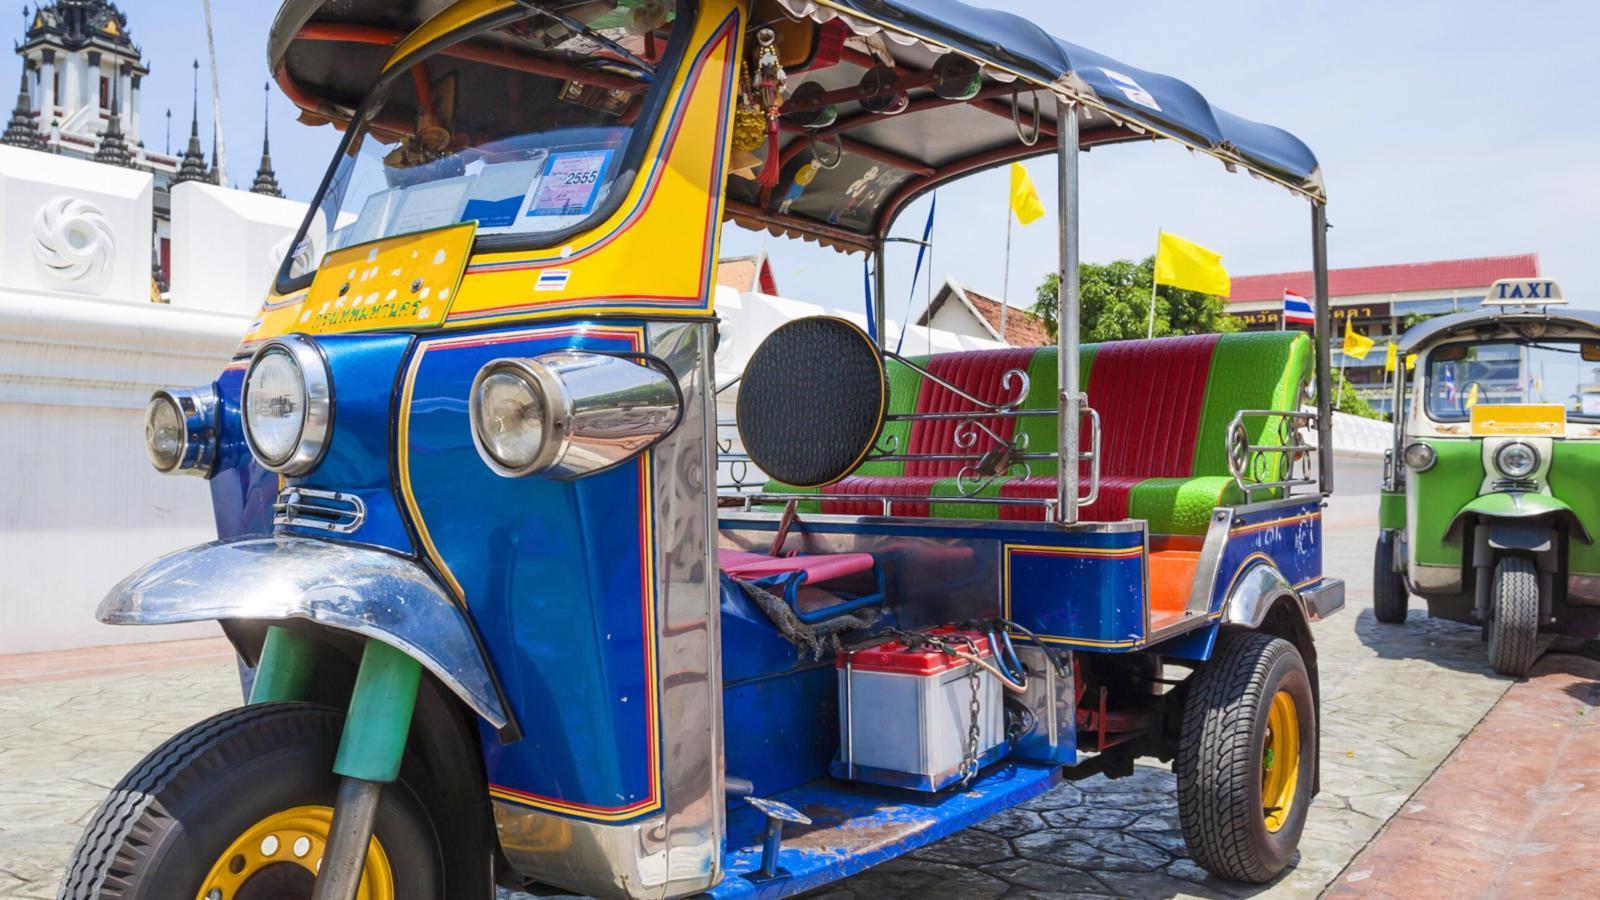 Фото Тук Тук в Таиланде